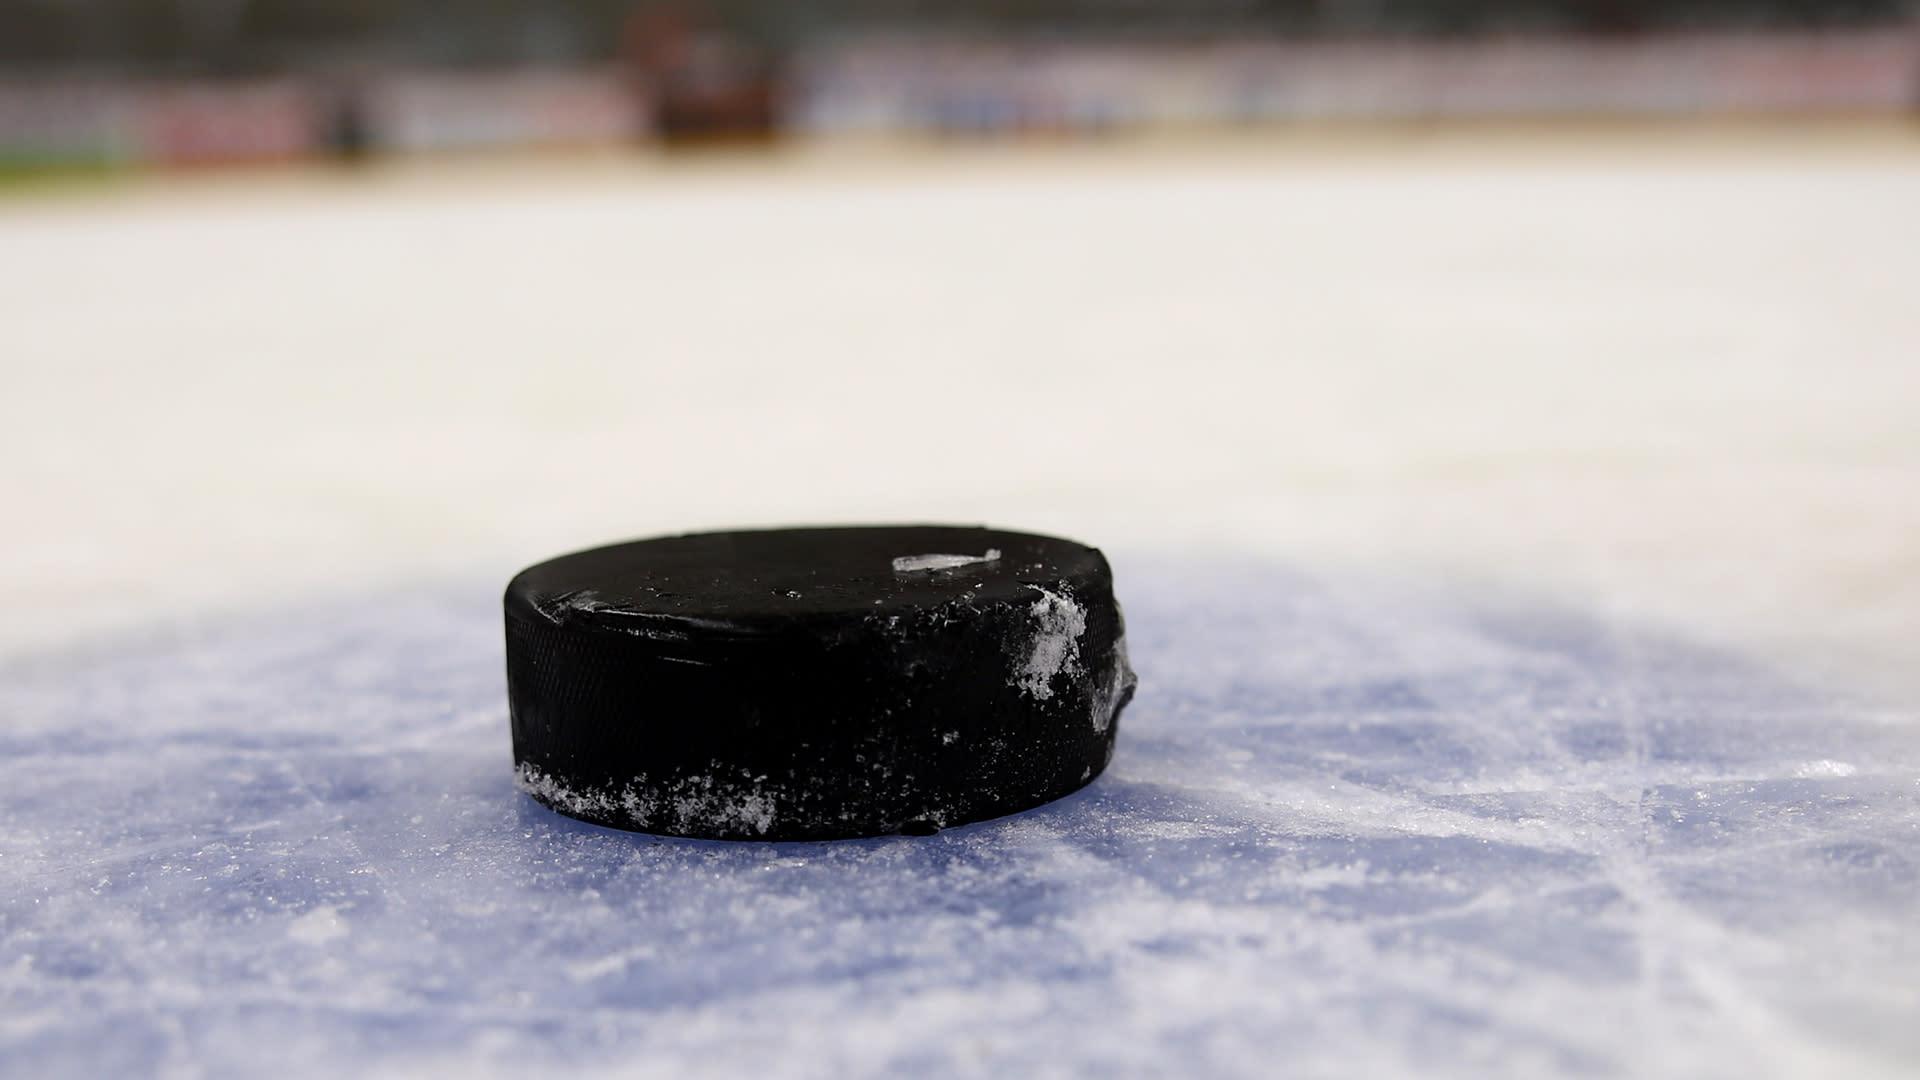 jääkiekko aloitusympyrässä.